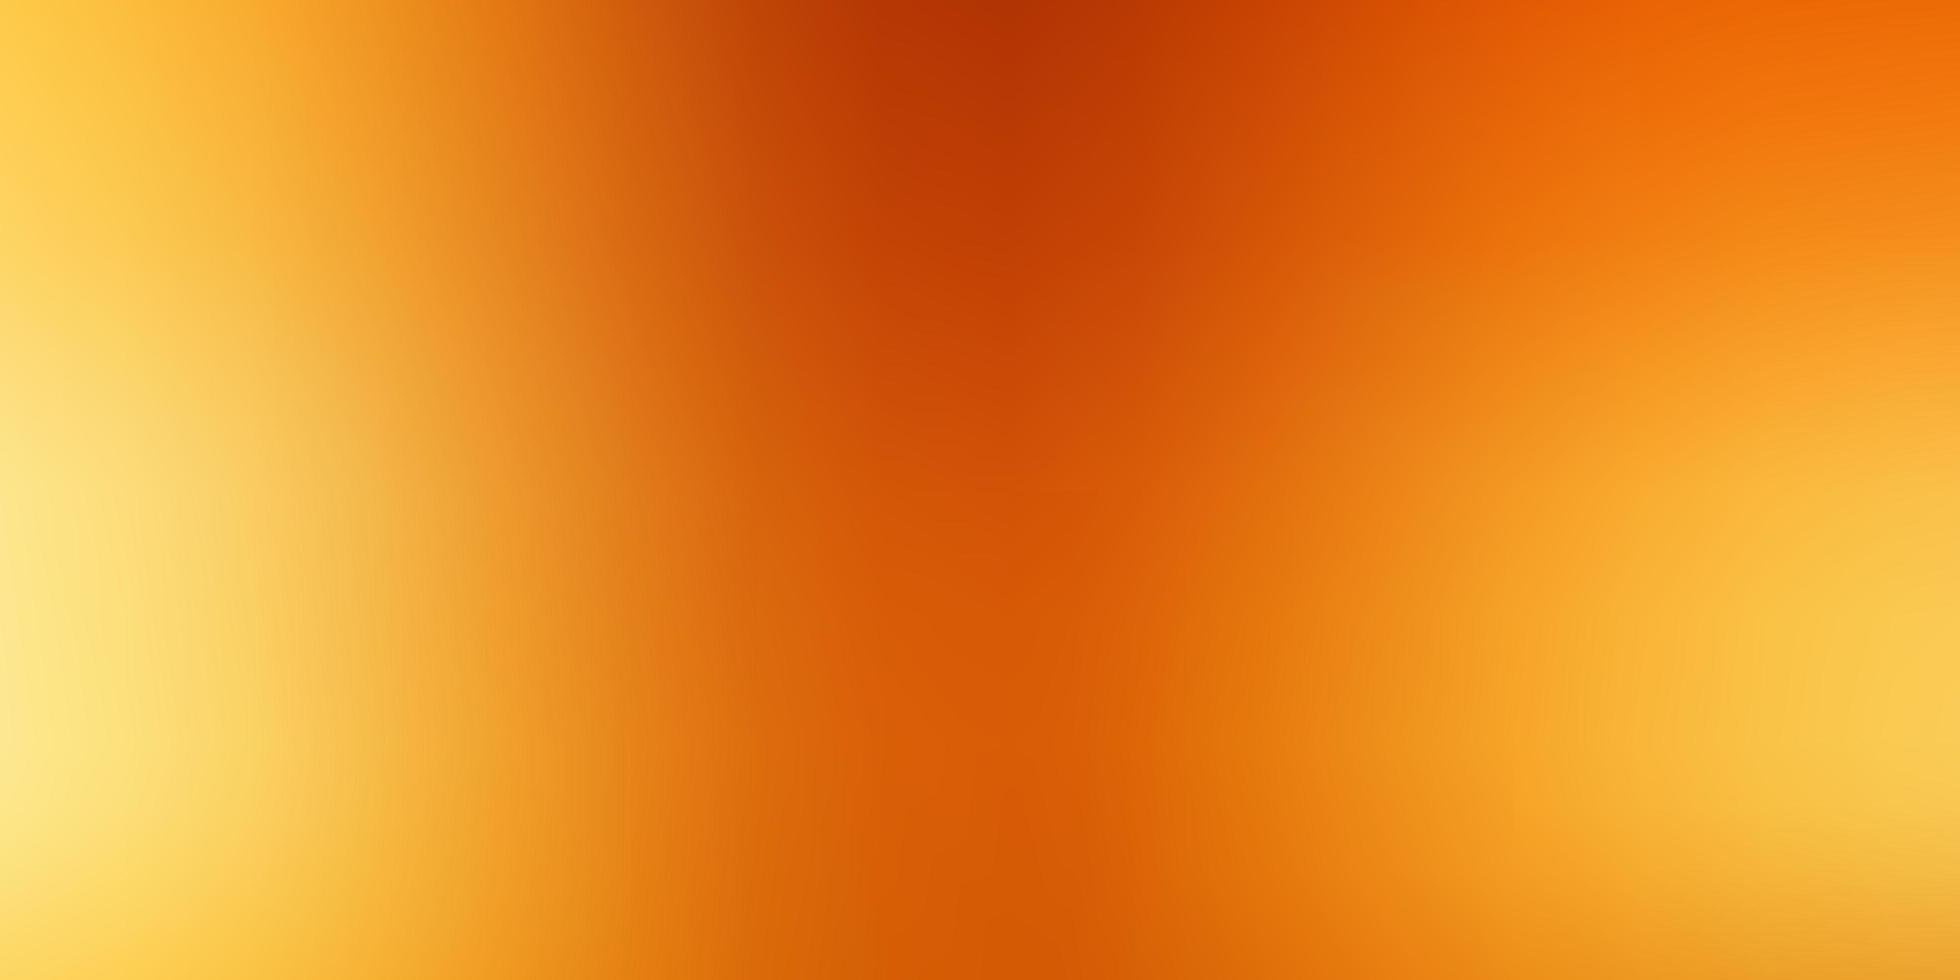 Fondo borroso abstracto anaranjado claro del vector. vector